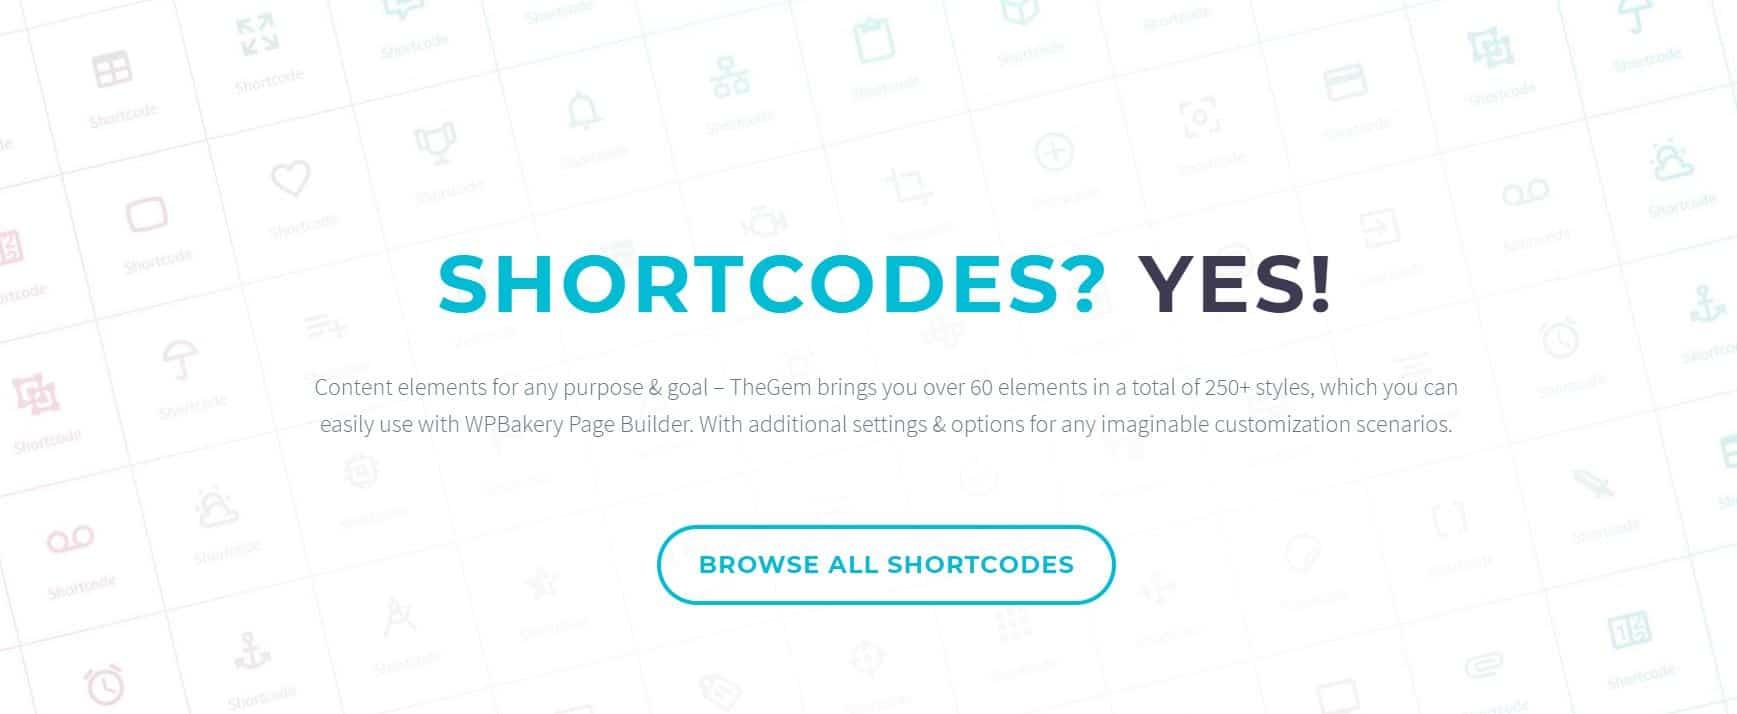 TheGem-shortcodes